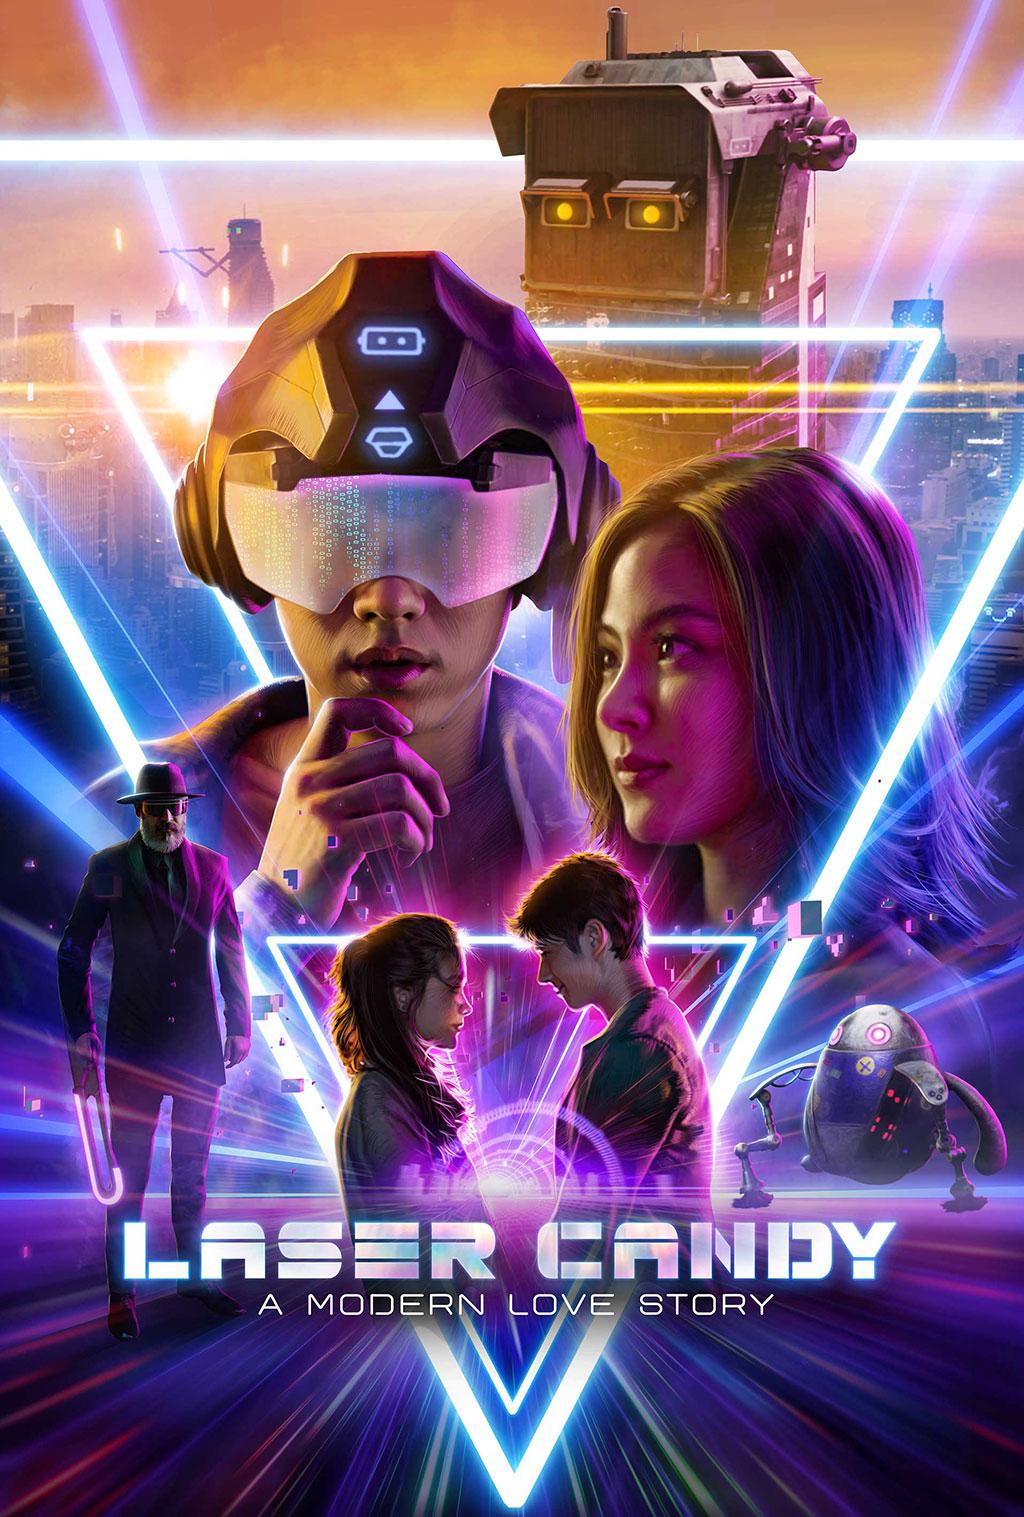 Laser Candy - Baifern & Mario Maurer 2021 Movie